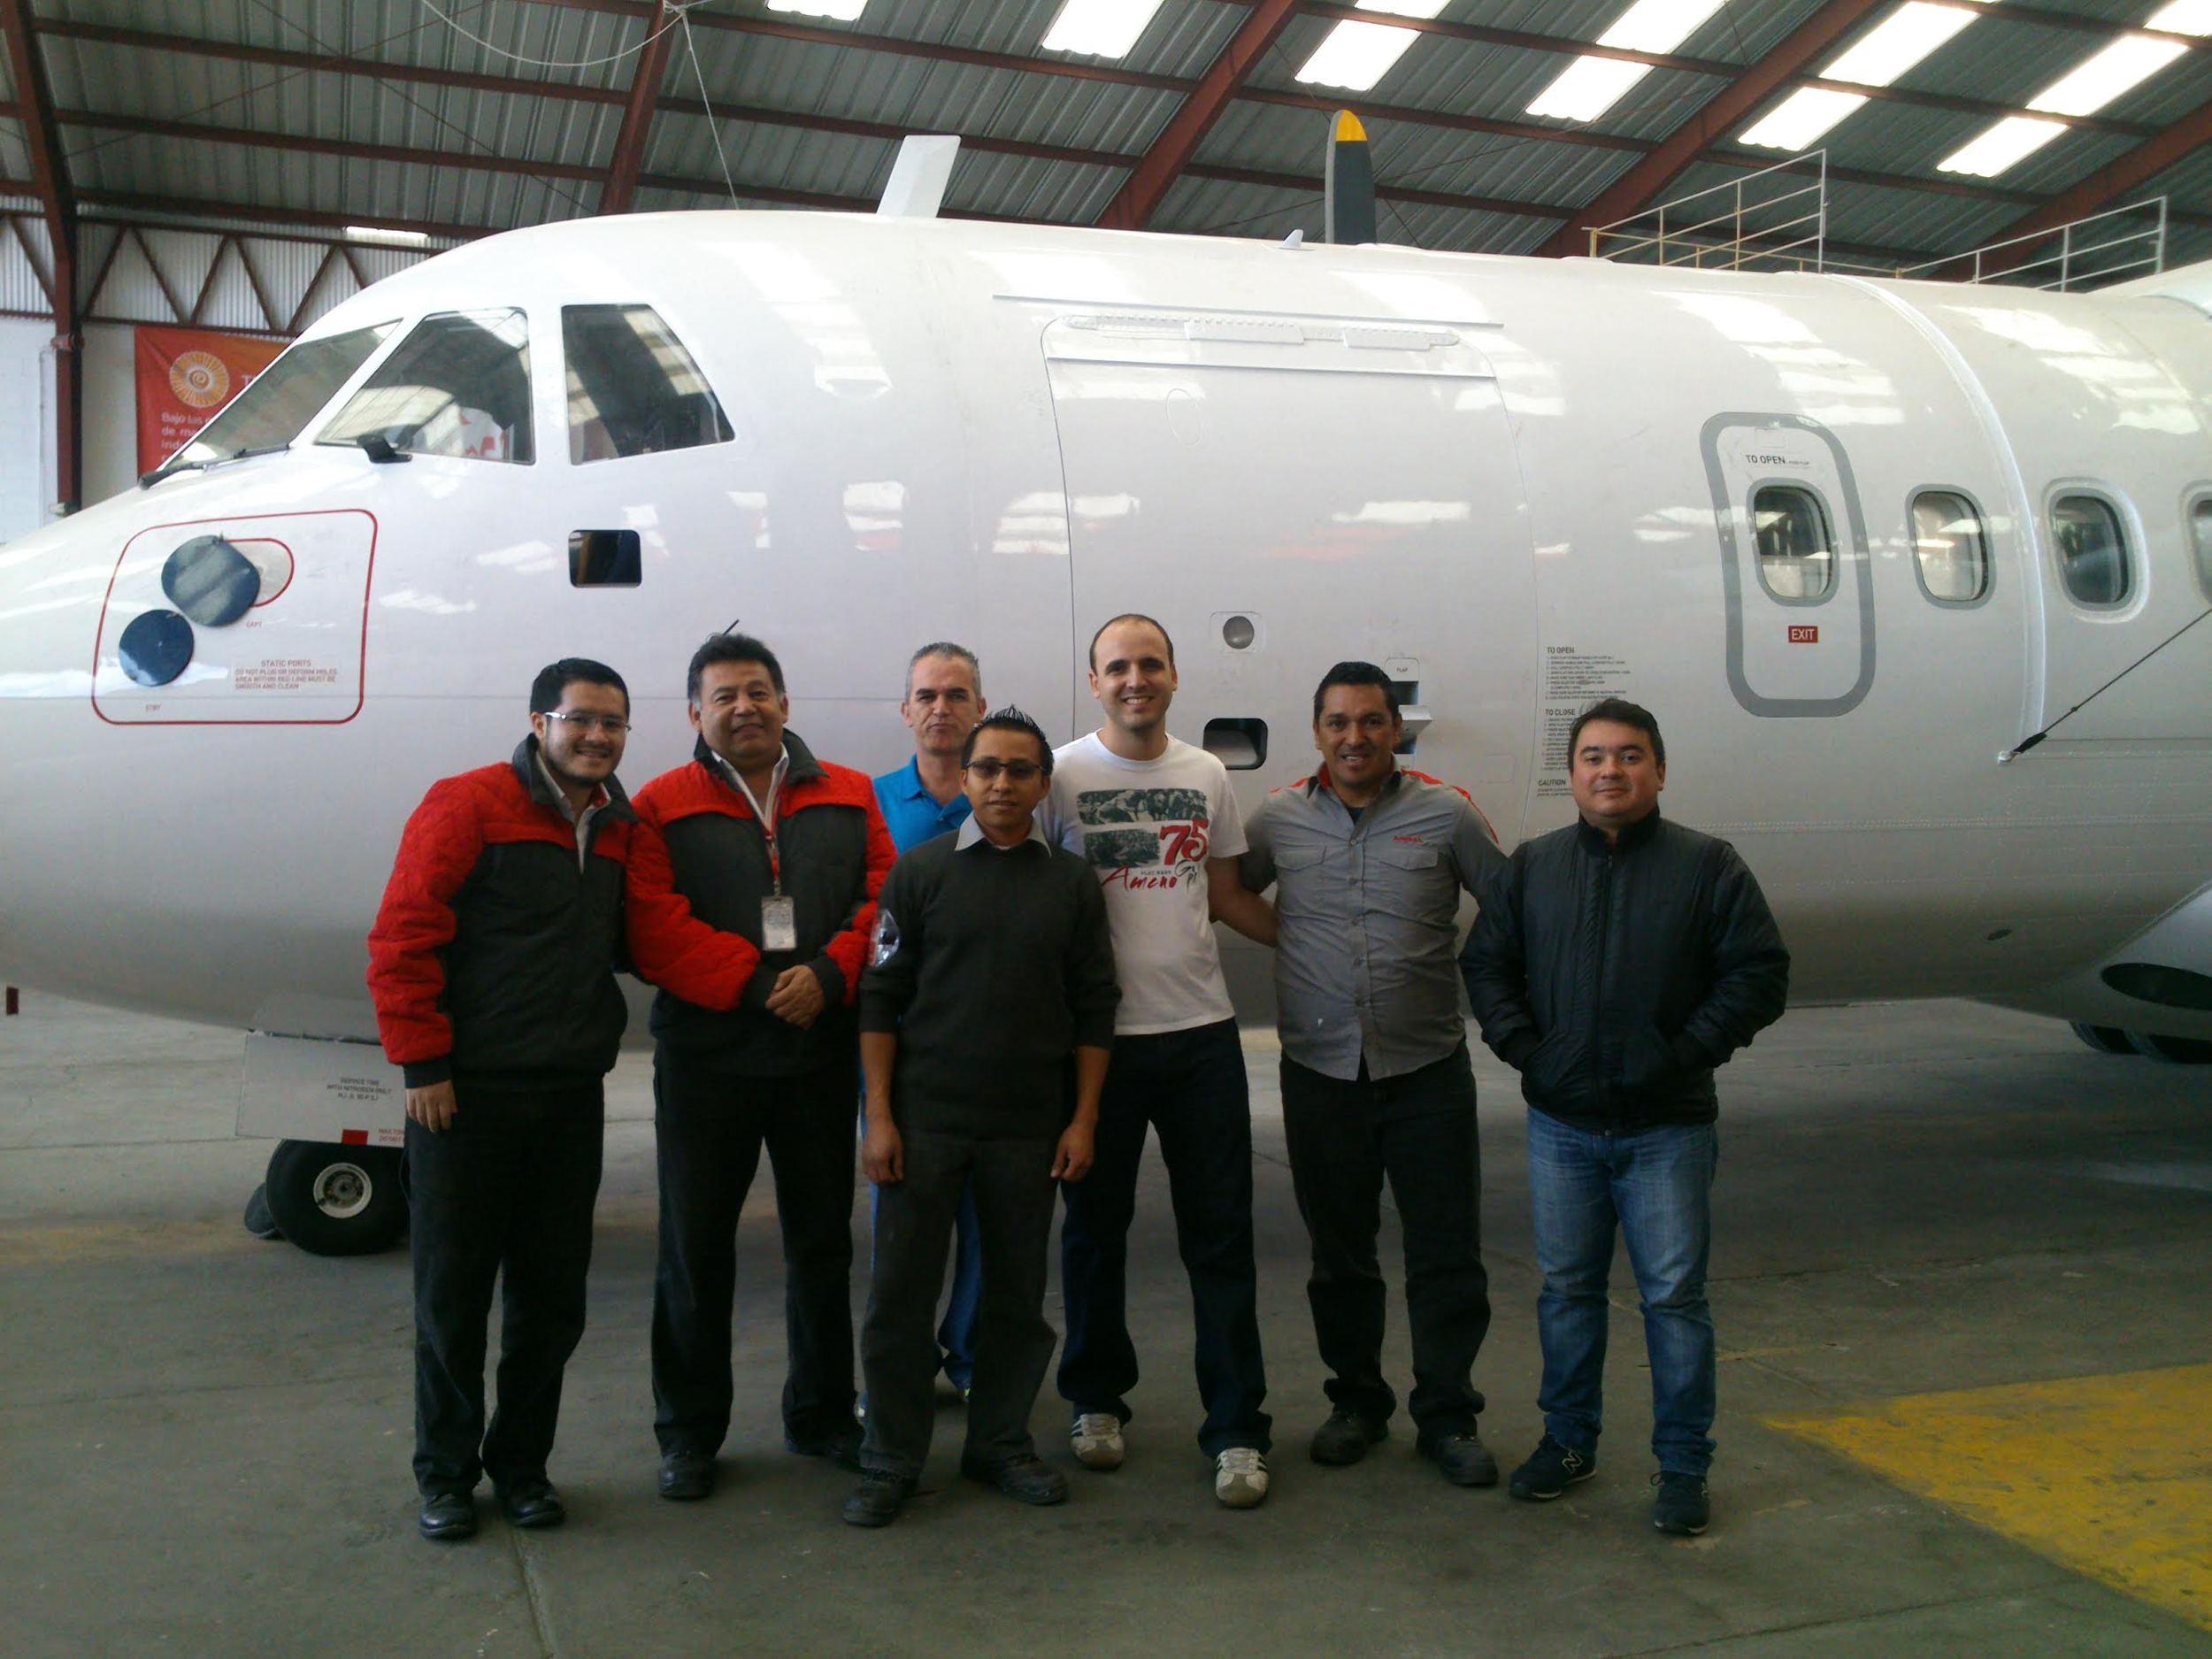 EASA AD 2009-0170